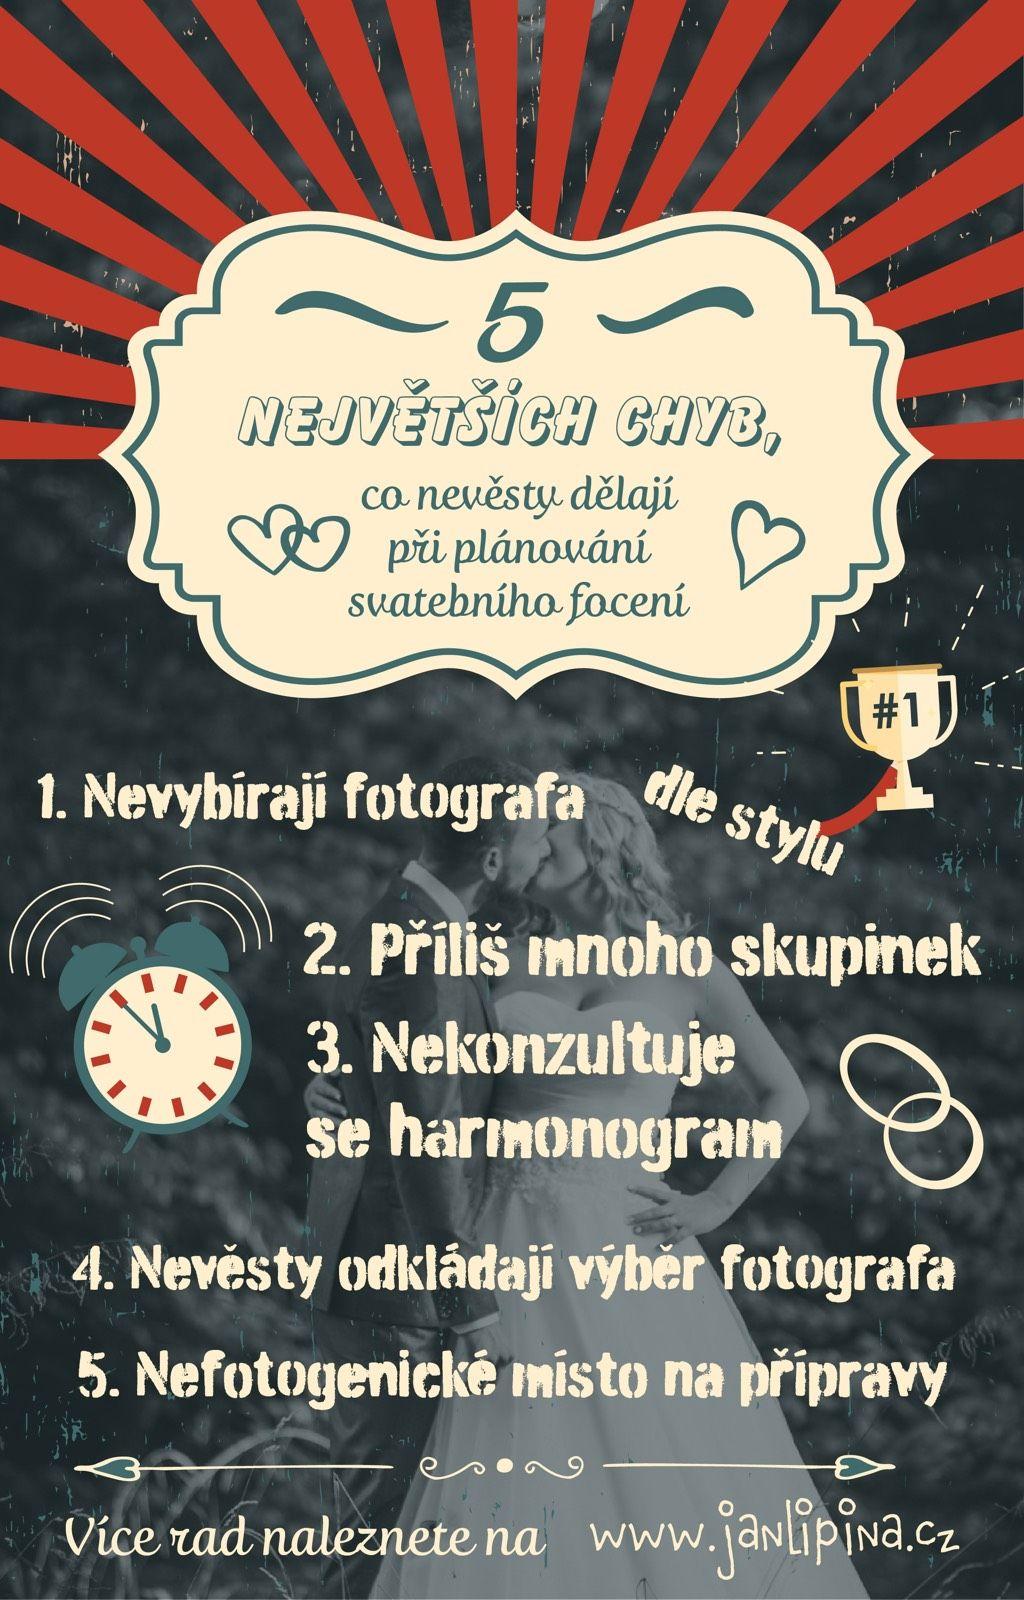 Největší chyby nevěst při plánování - Svatební focení. autor: Svatební fotograf Jan Lipina